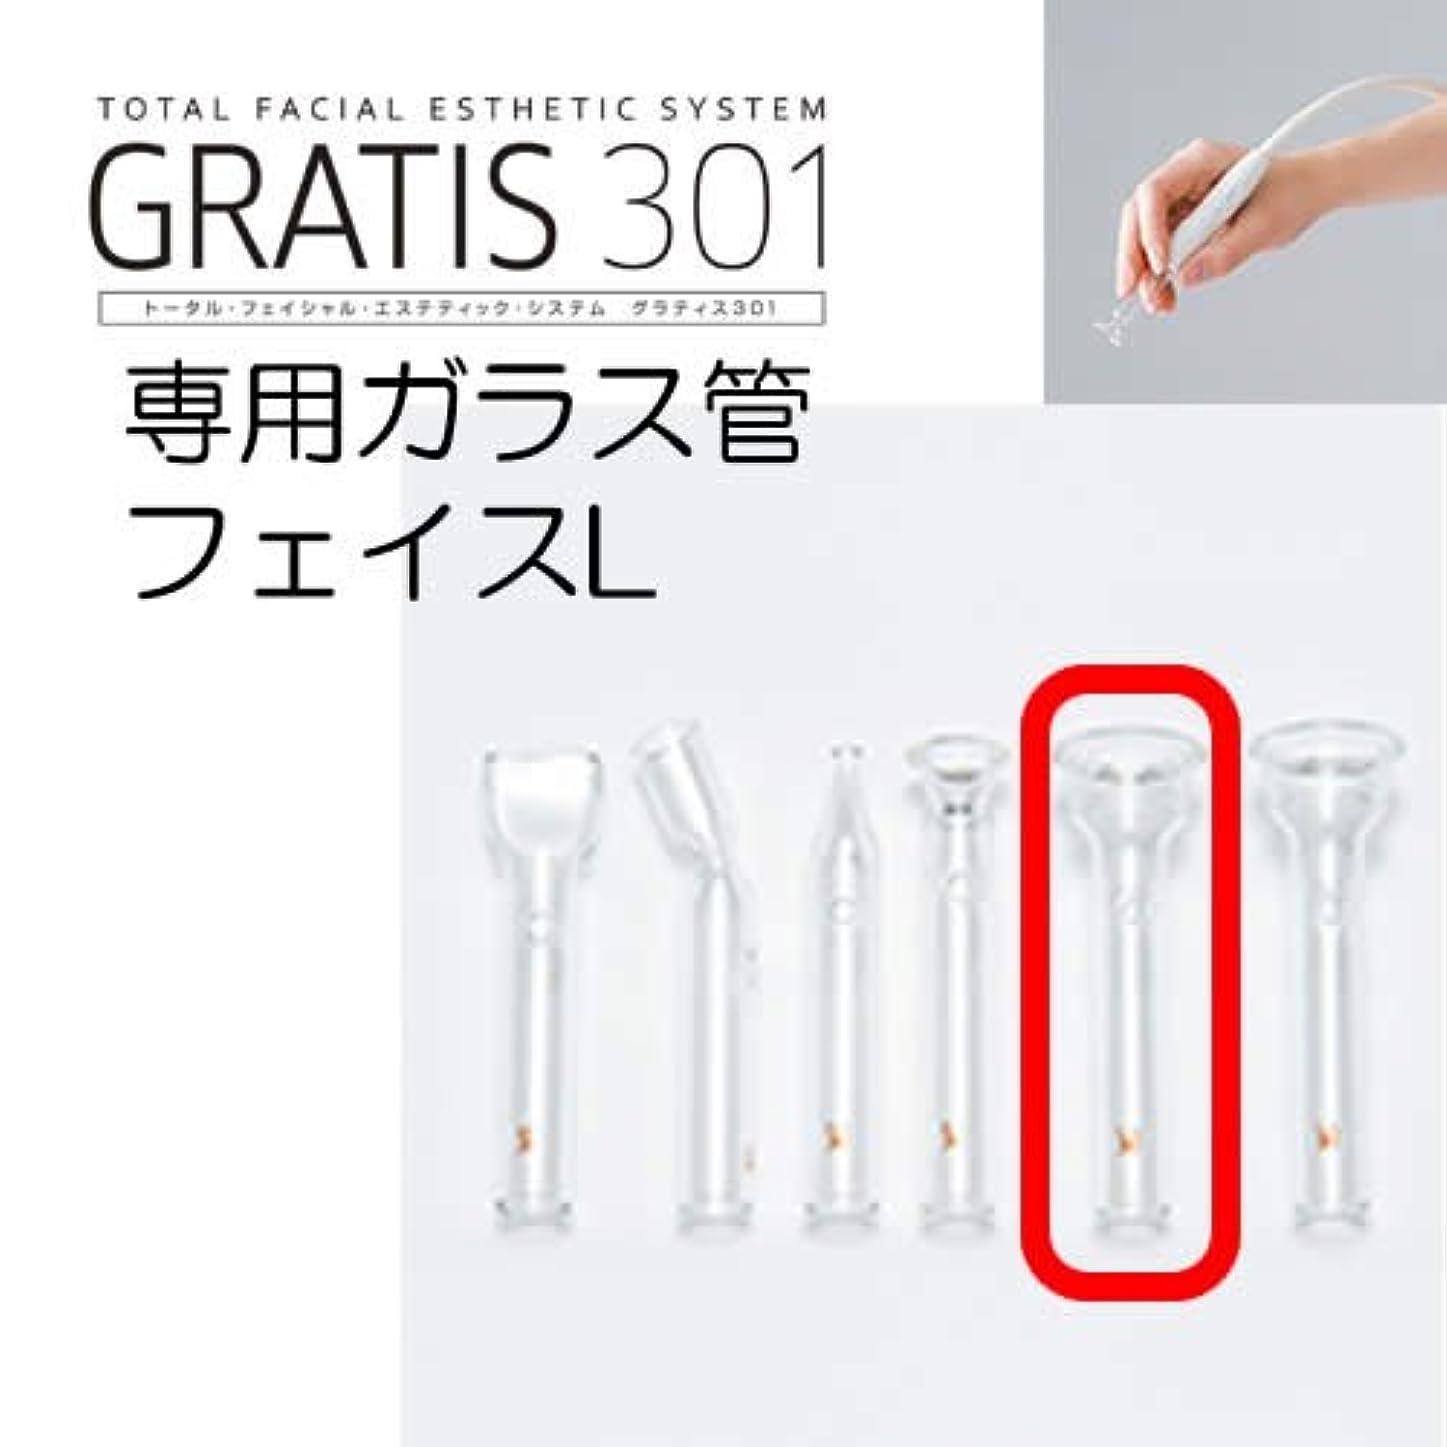 軍哲学的石GRATIS 301(グラティス301)専用ガラス管 フェイスL(2本セット)